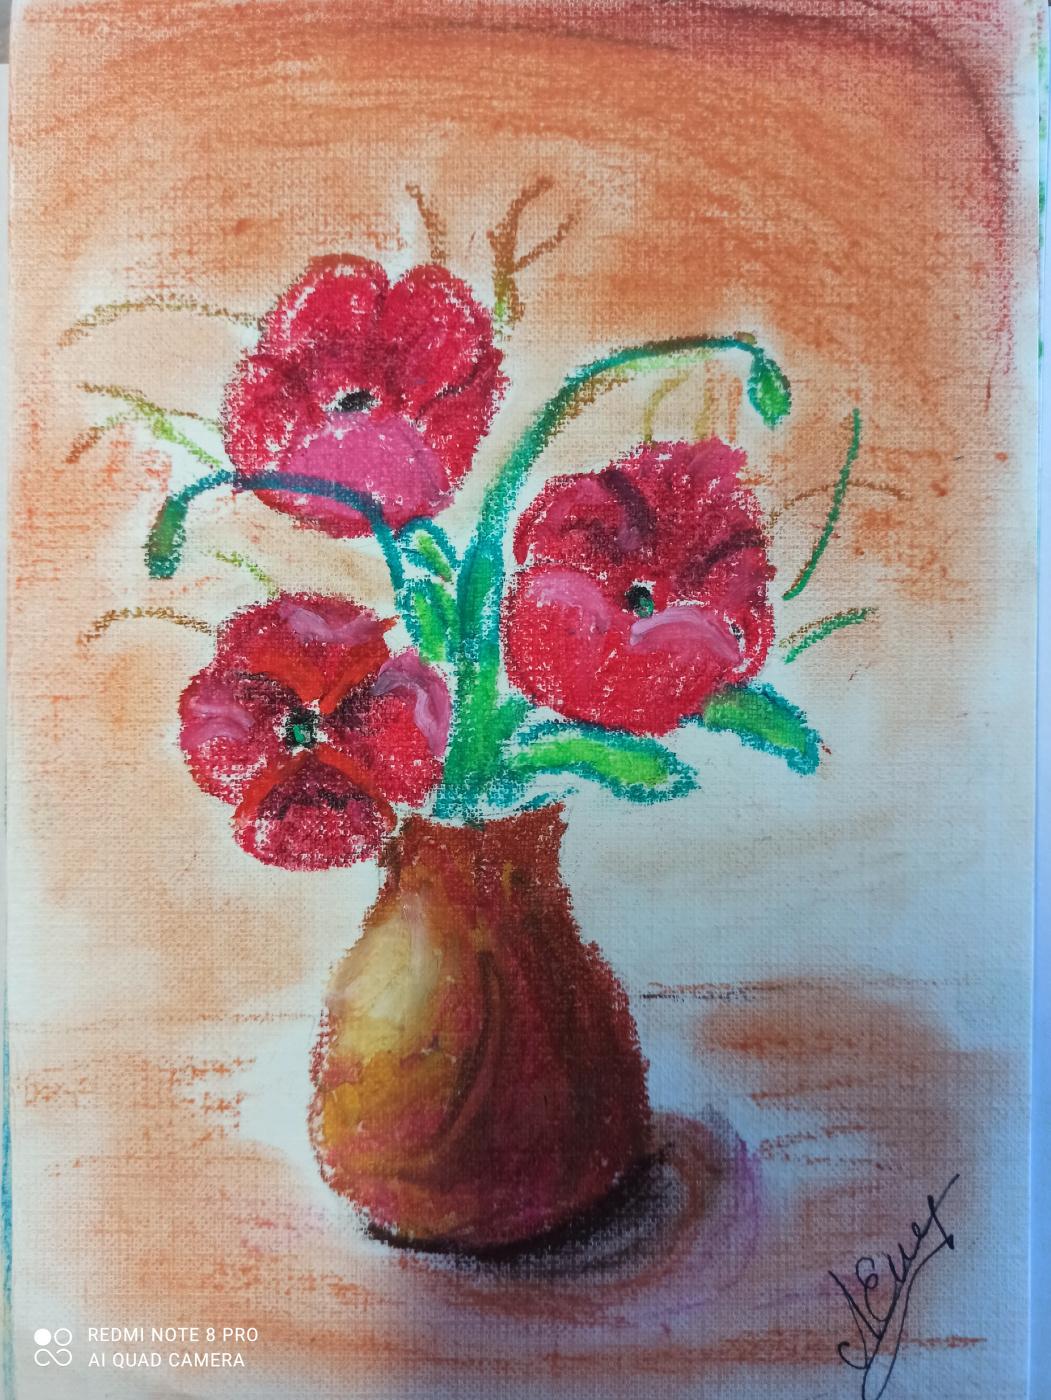 Unknown artist. Poppies